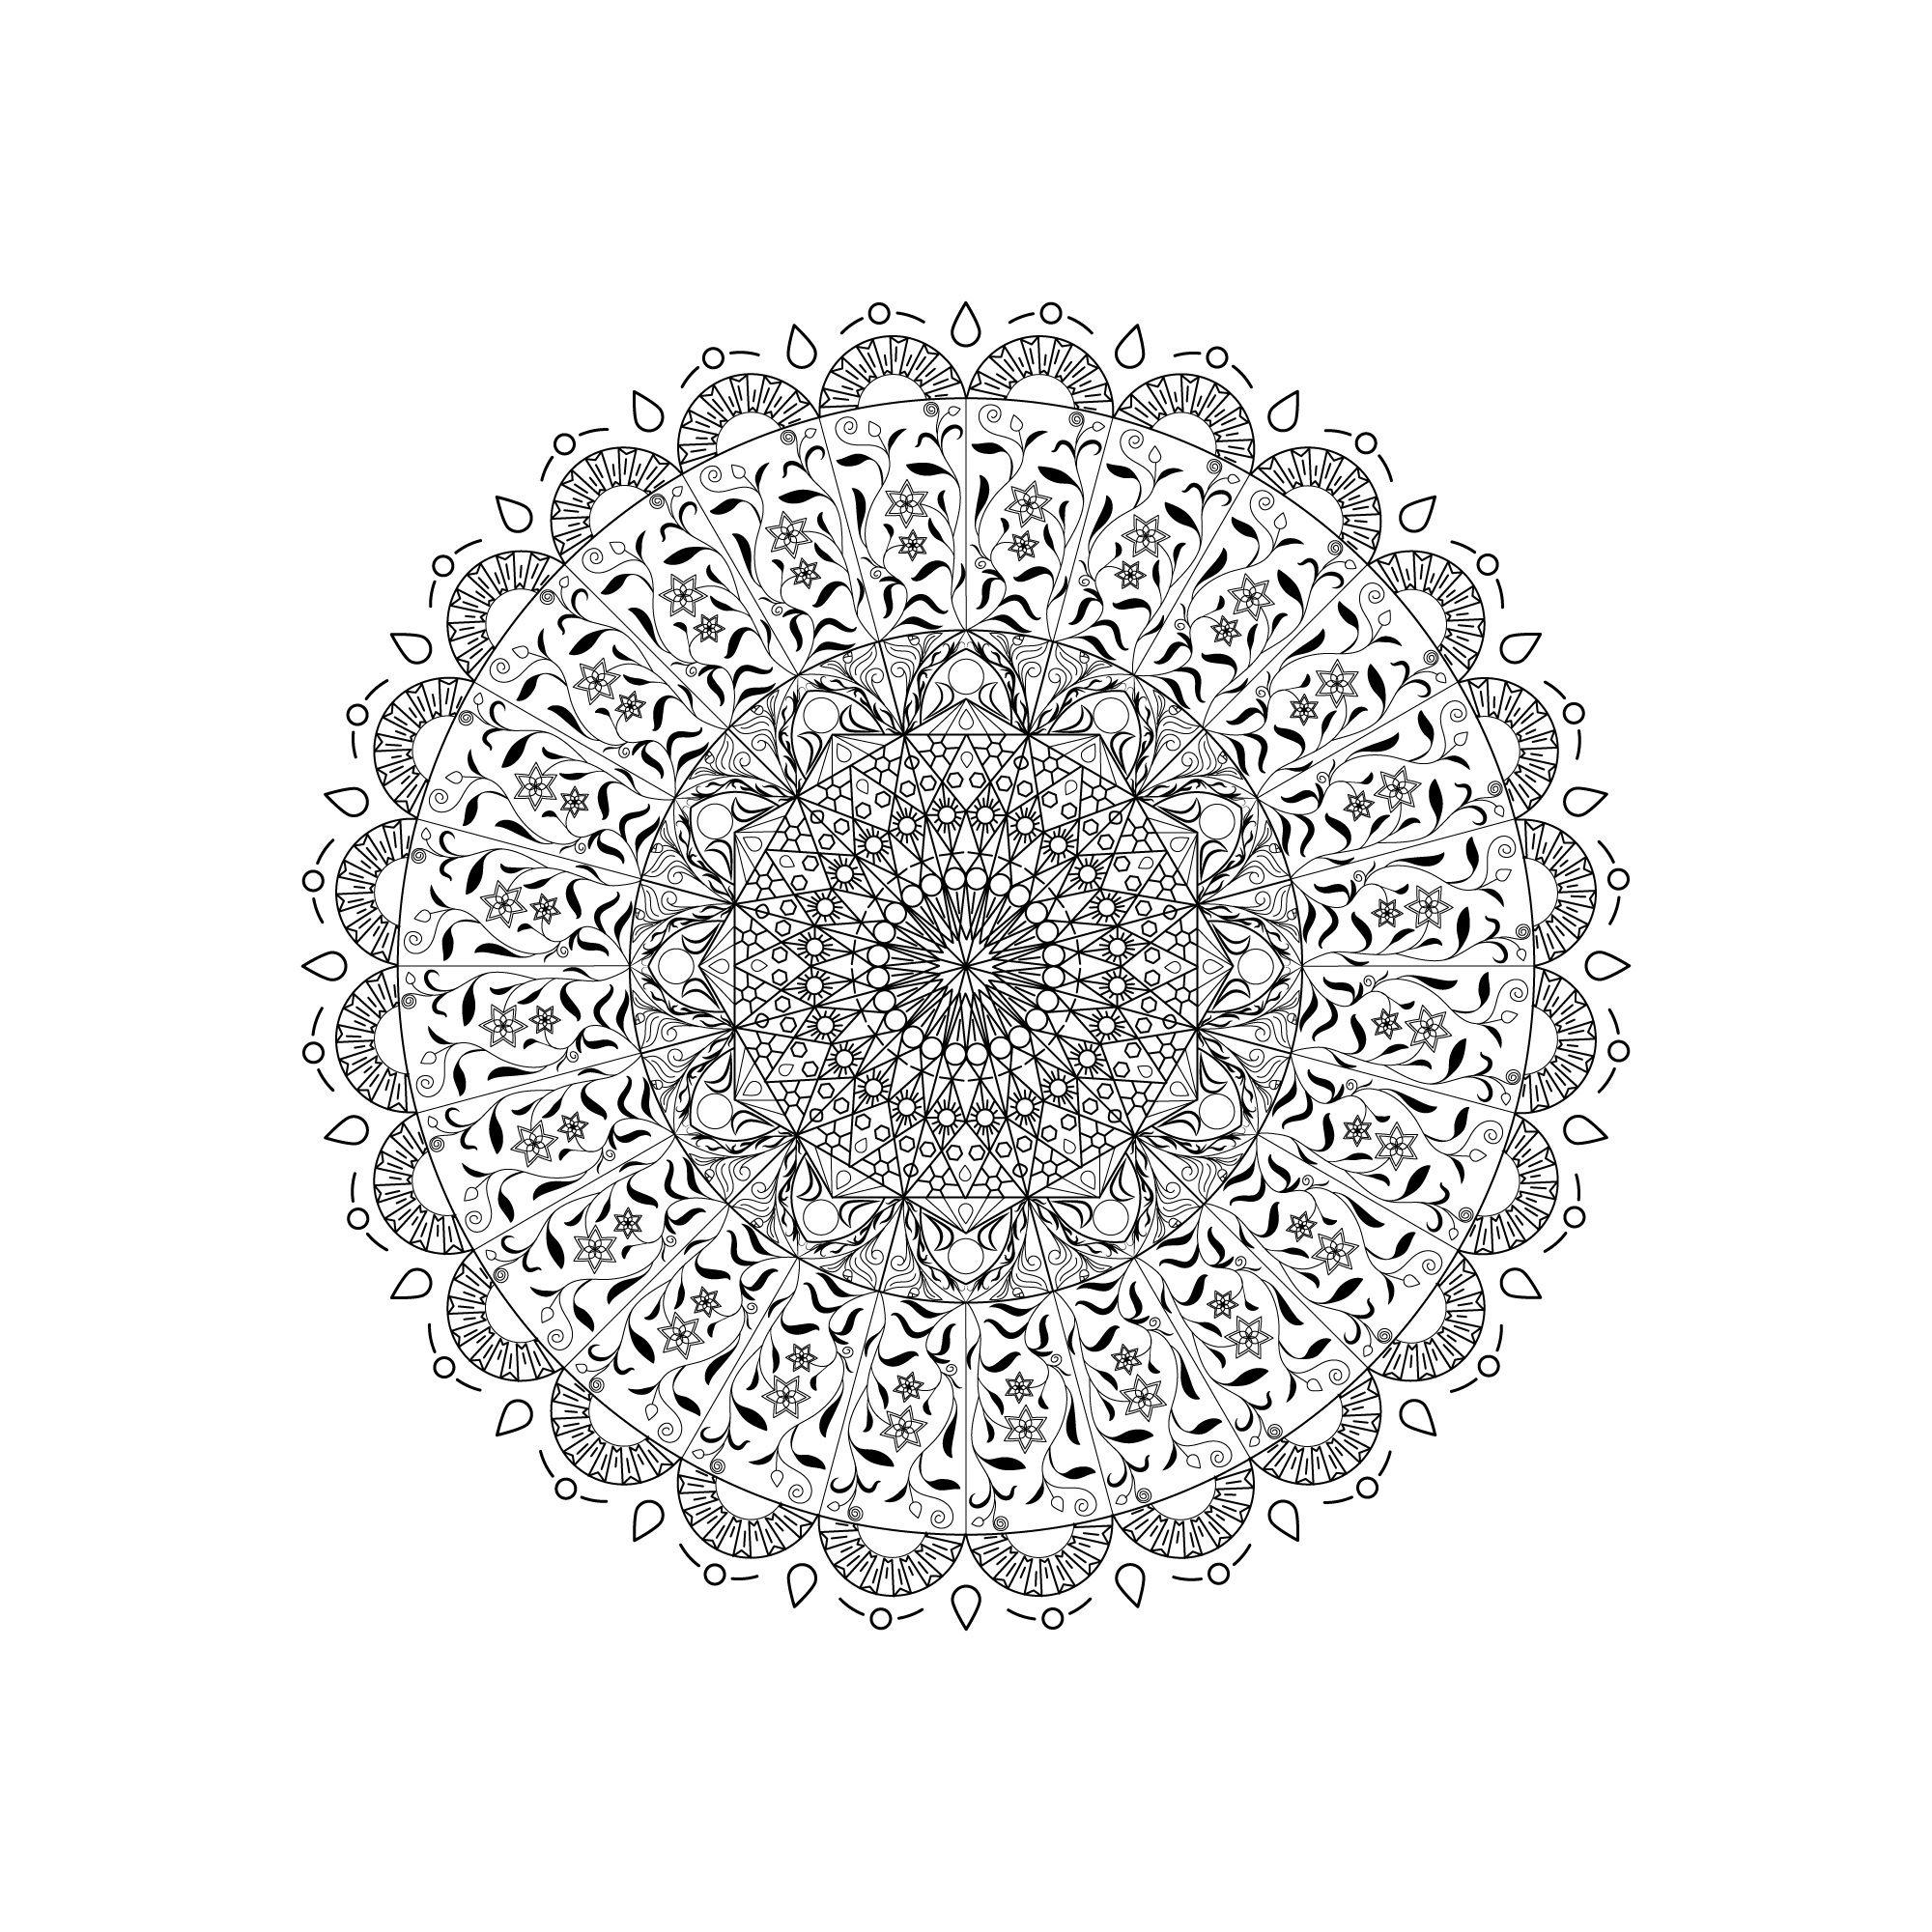 Malvorlagen kirschen pictures to pin on pinterest - Kostenlose Mandalavorlagen Herunterladen Mandala Vorlage Ausmalbilder Zeichnen